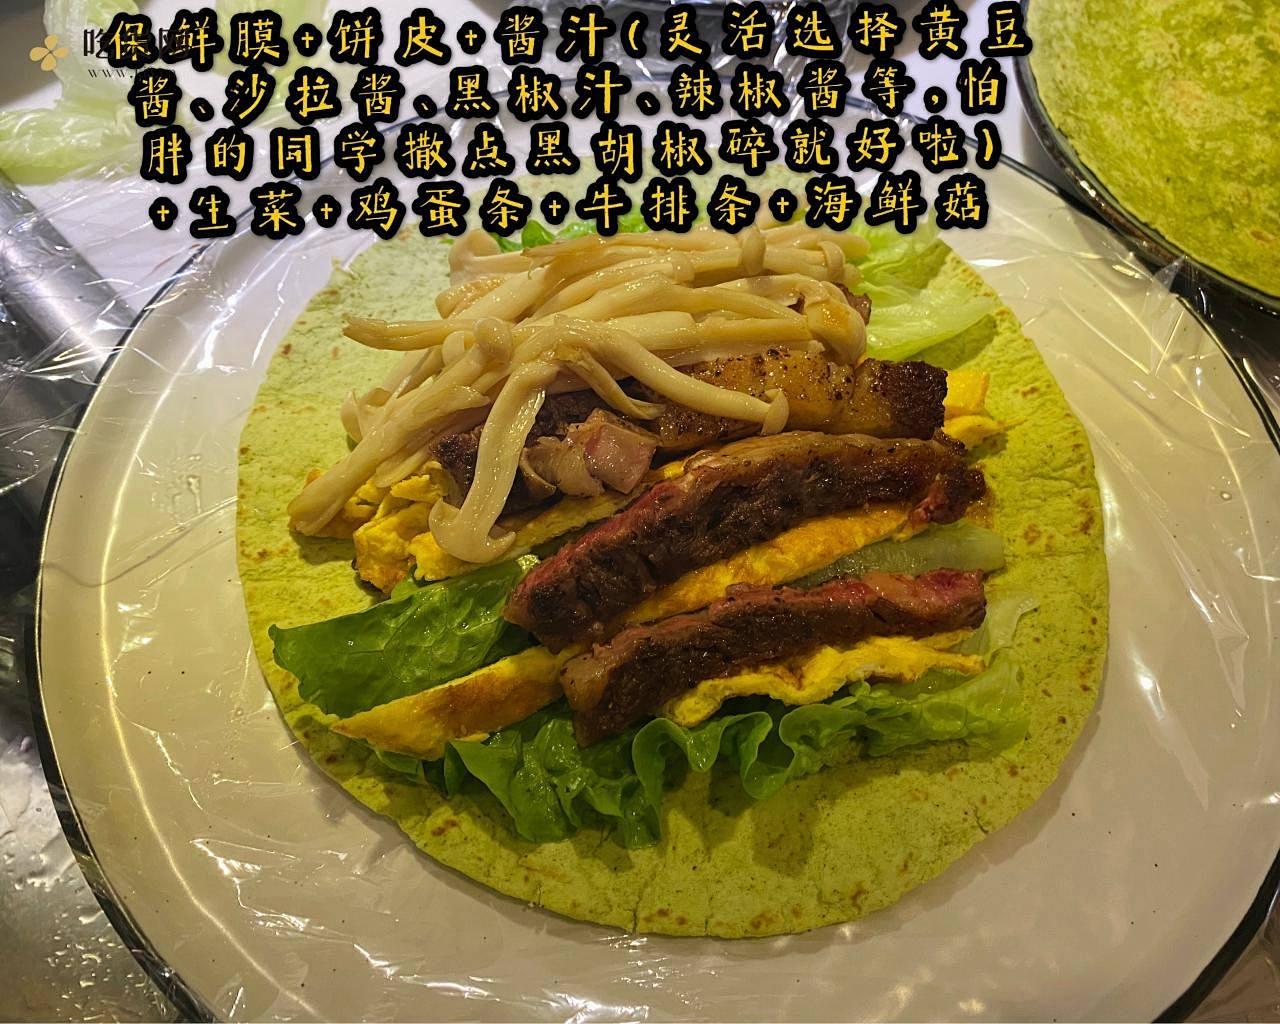 菠菜牛肉卷饼的做法 步骤6